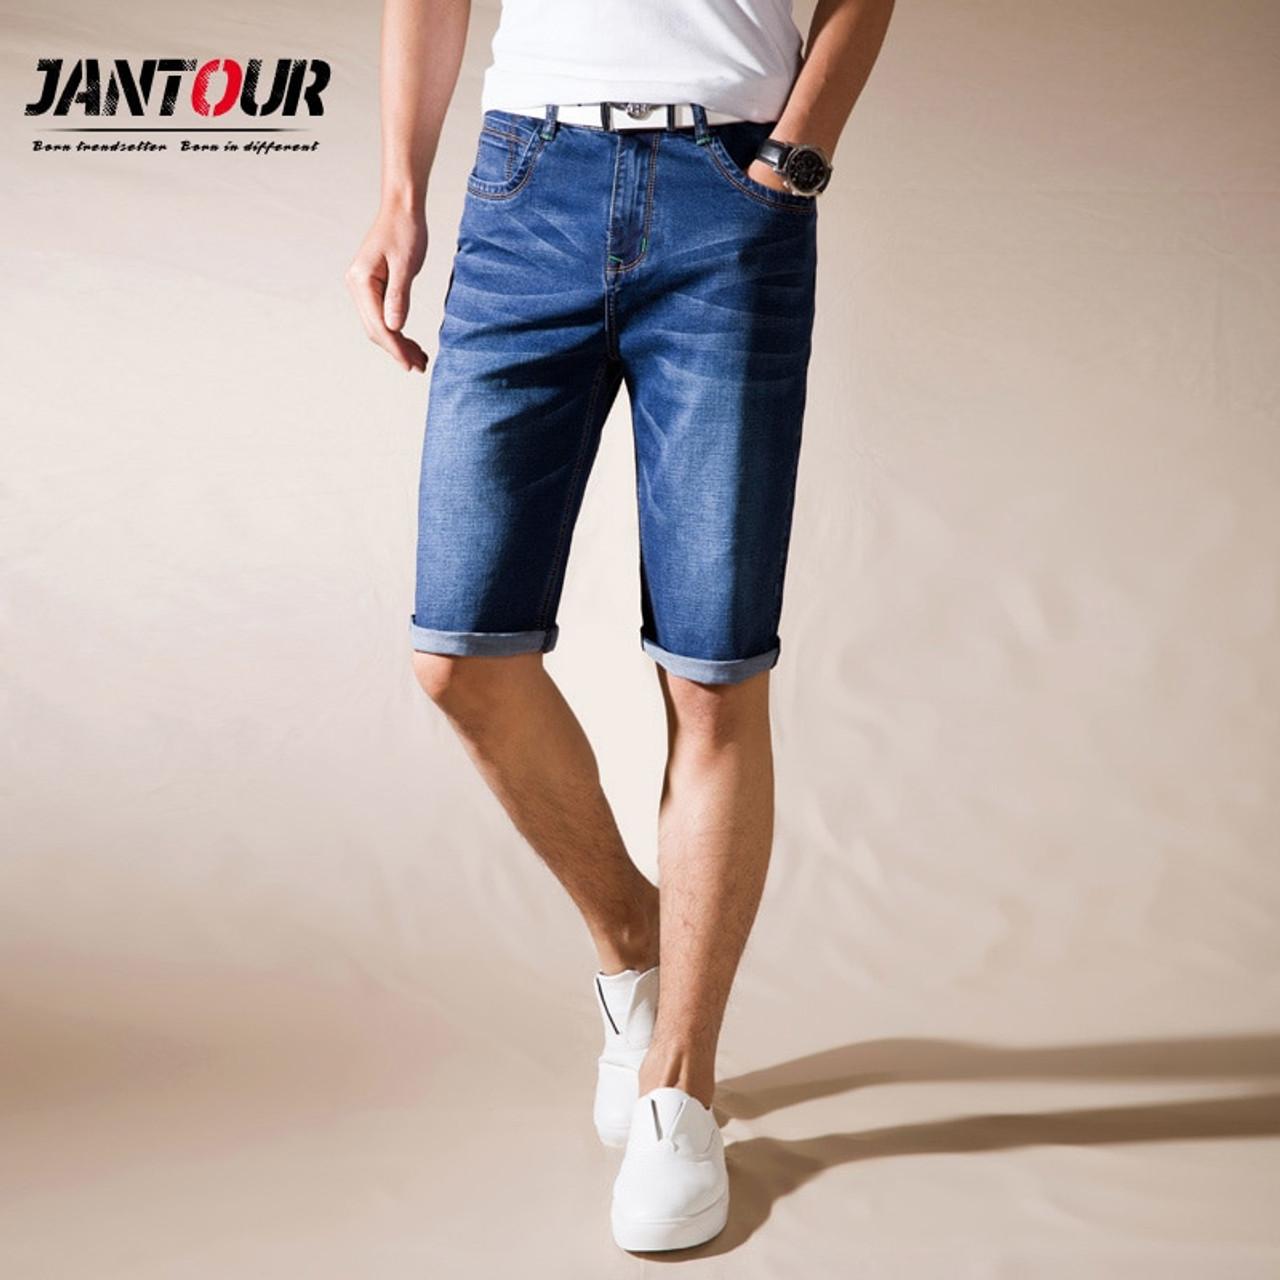 e575713cb626c jantour Brand Mens Summer Stretch Thin high quality Denim Jeans male Short  Men blue black Jeans Shorts Pants Plus Size 38 40 42 - OnshopDeals.Com